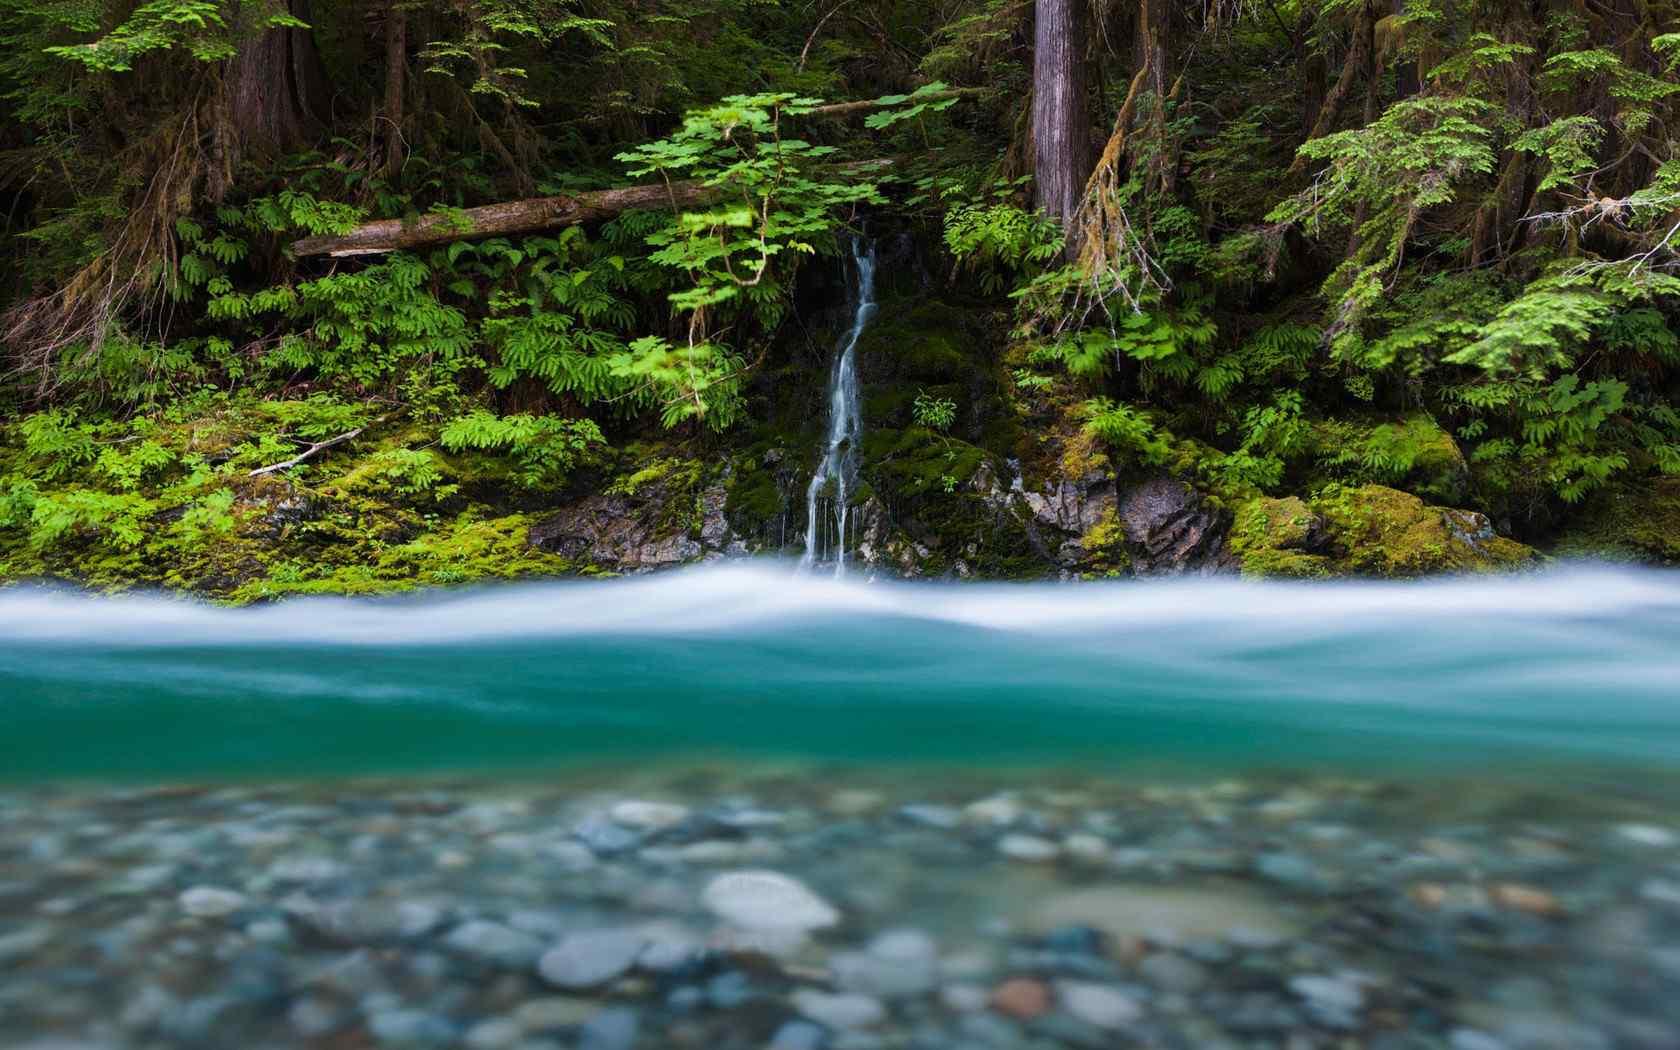 绿色山水风景唯美图片高清桌面壁纸图片